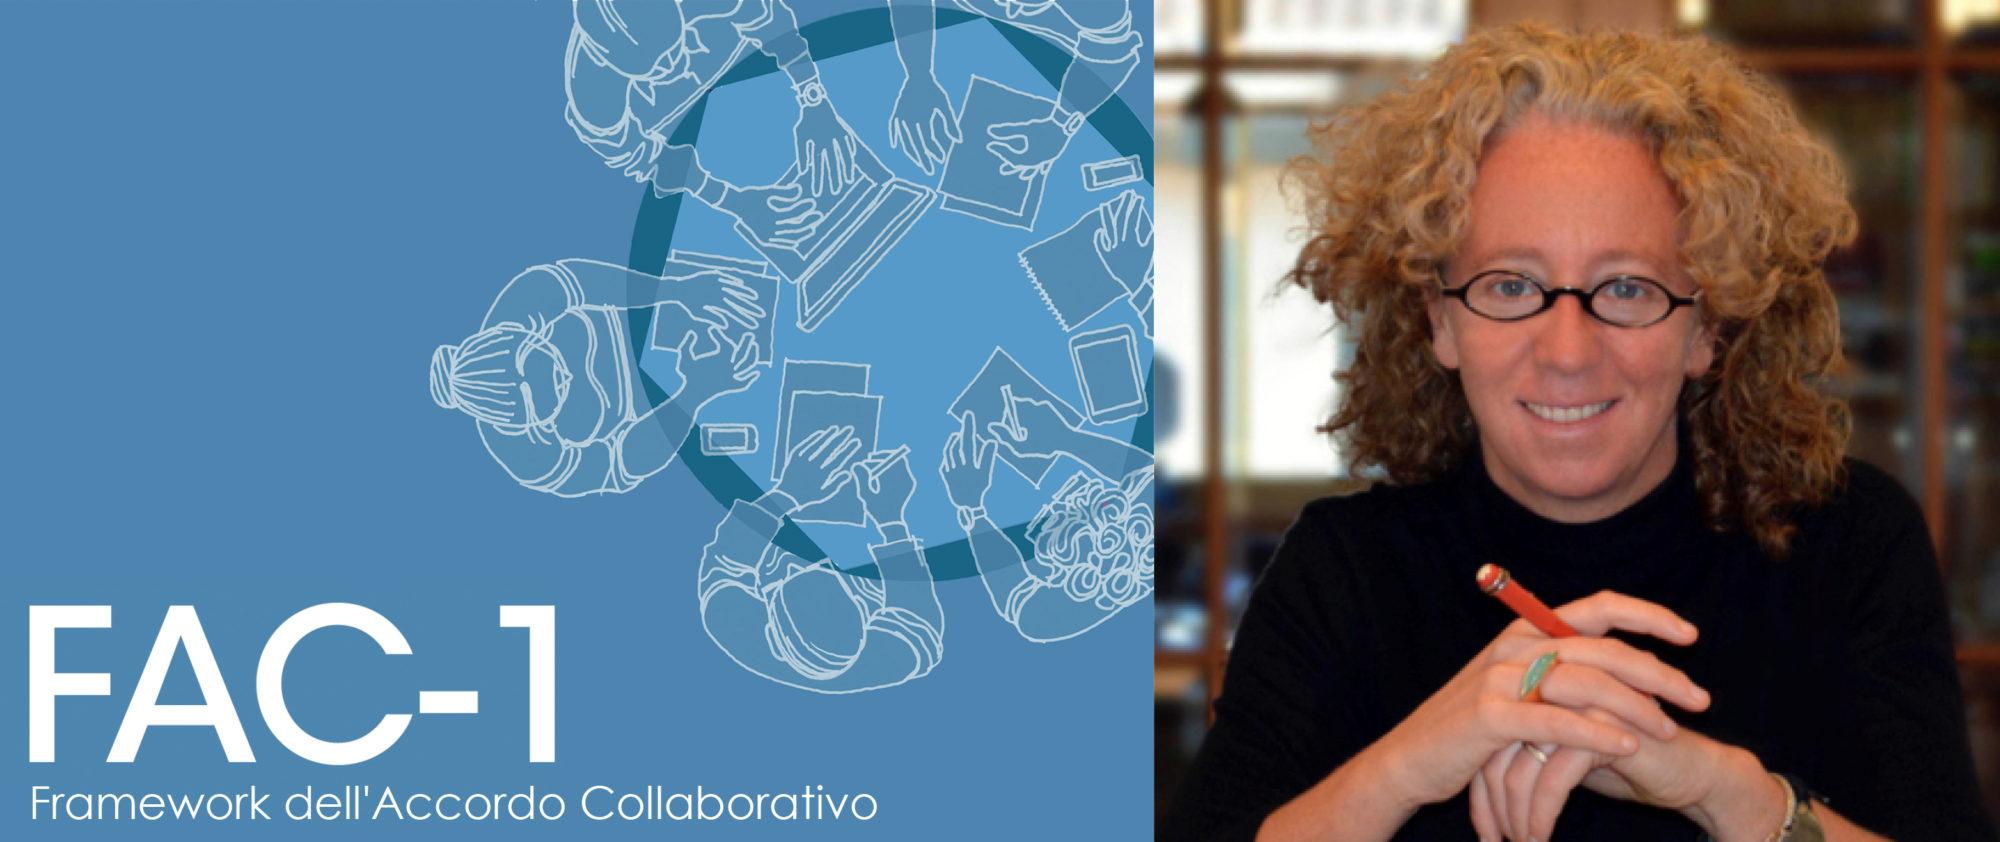 Sara Valaguzza: la crescita del BIM passa dalle normative